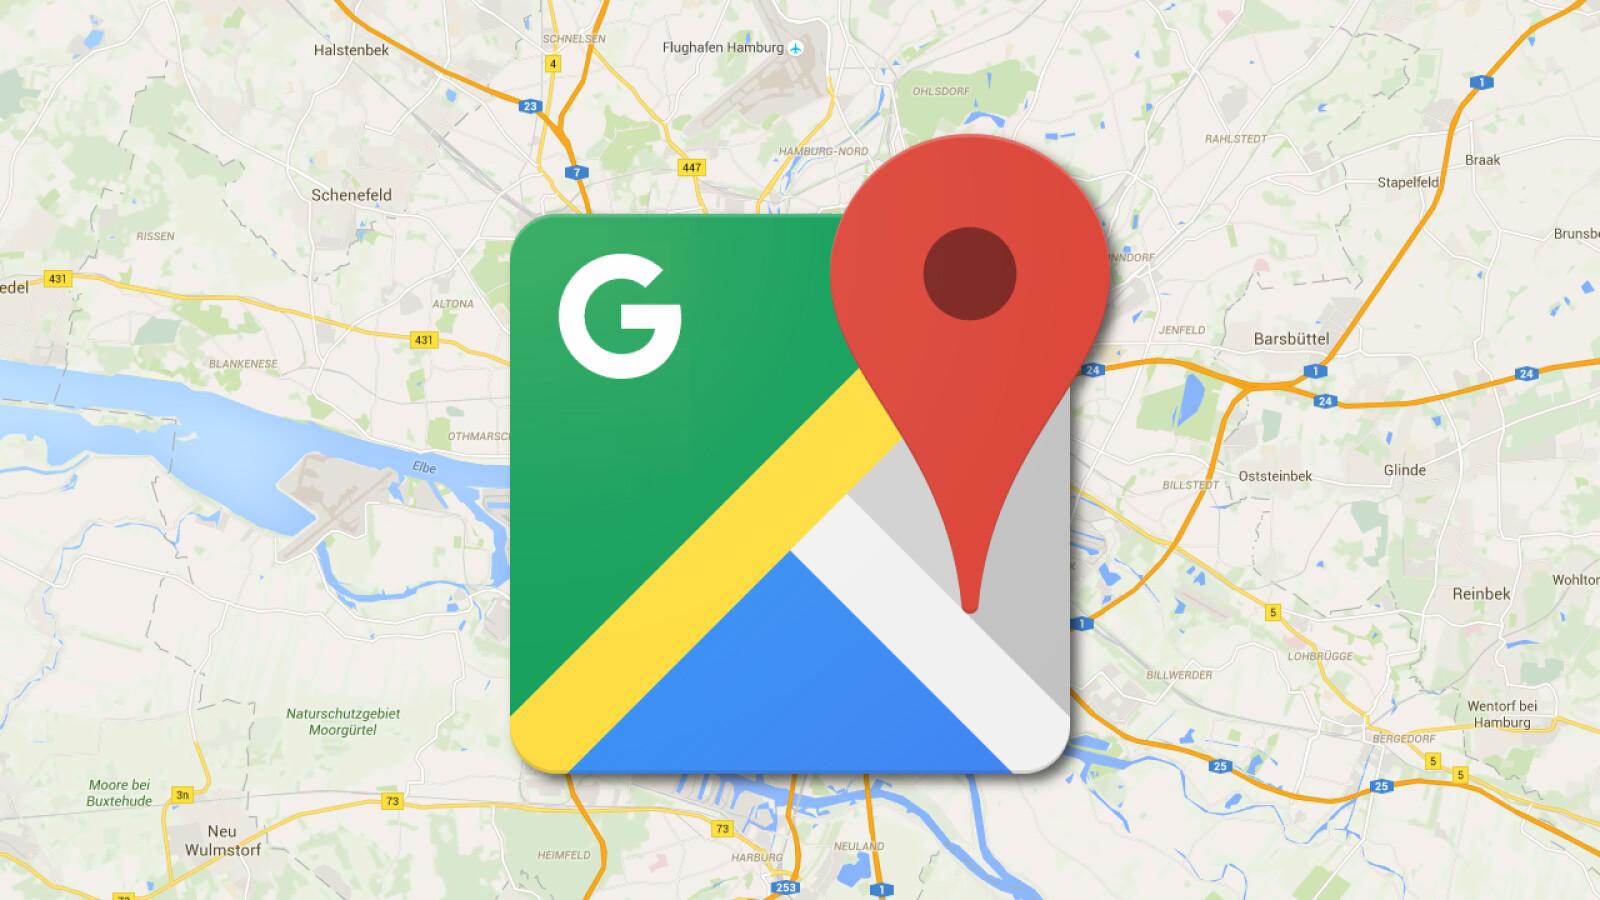 Google Maps Eigene Karten Erstellen Und Teilen Netzwelt